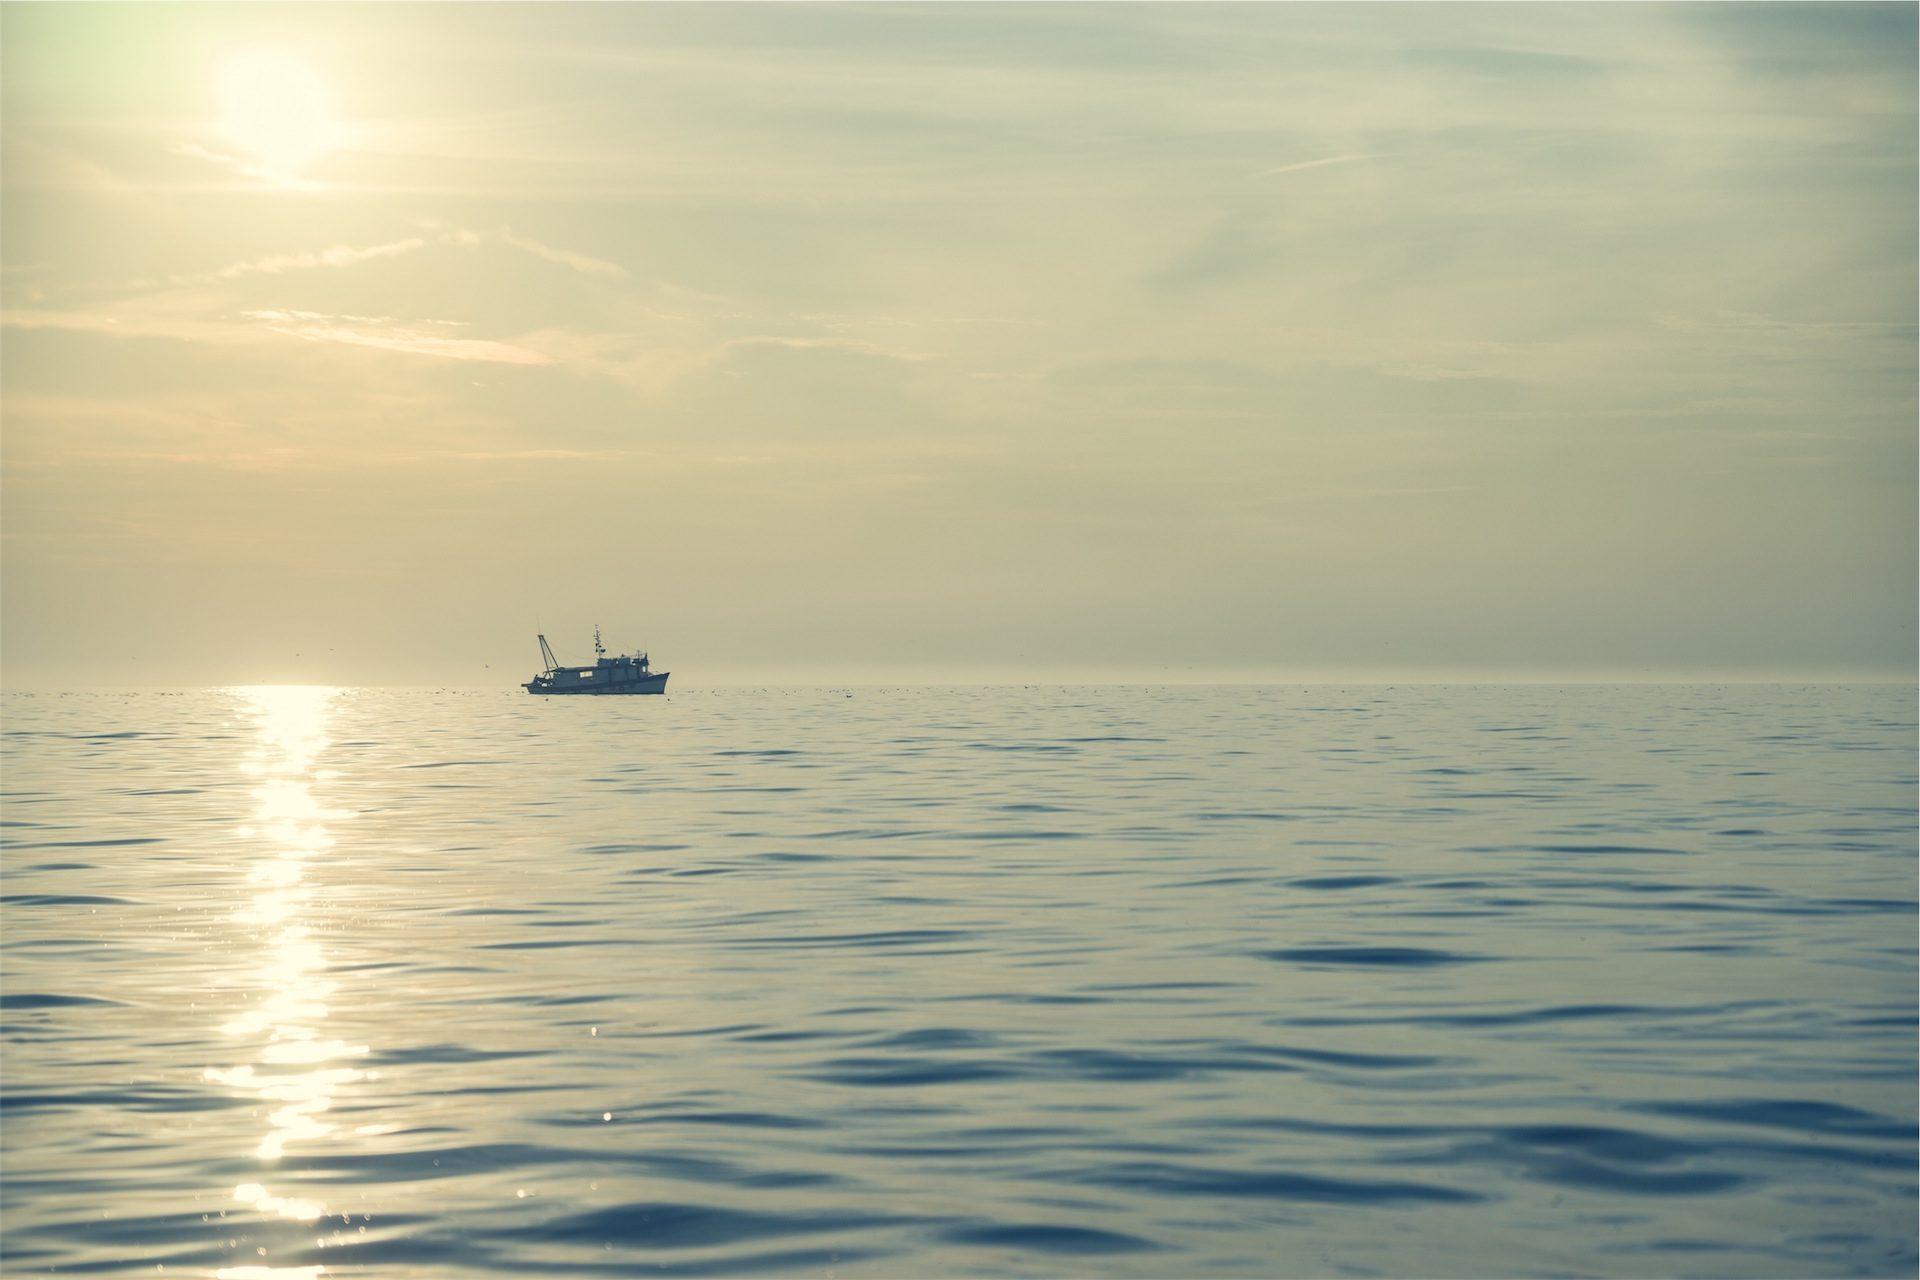 小船, 捕鱼, 海, 太阳, 索莱达, 宁静, 放松 - 高清壁纸 - 教授-falken.com